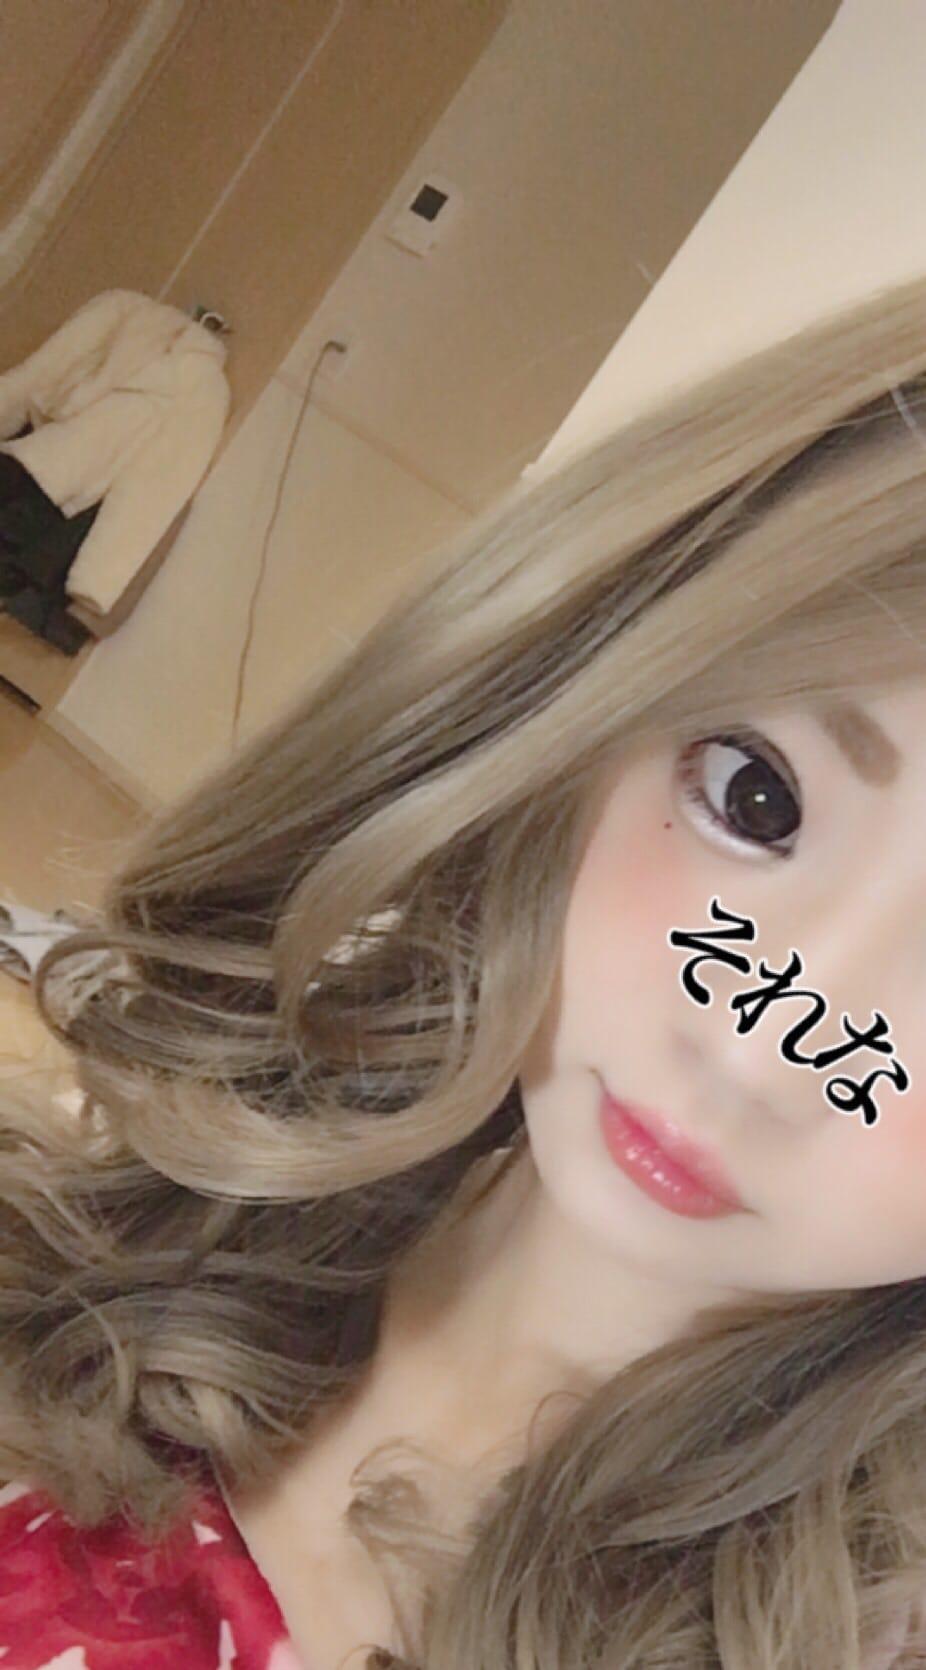 あおい「おはょ!」01/16(火) 08:22 | あおいの写メ・風俗動画